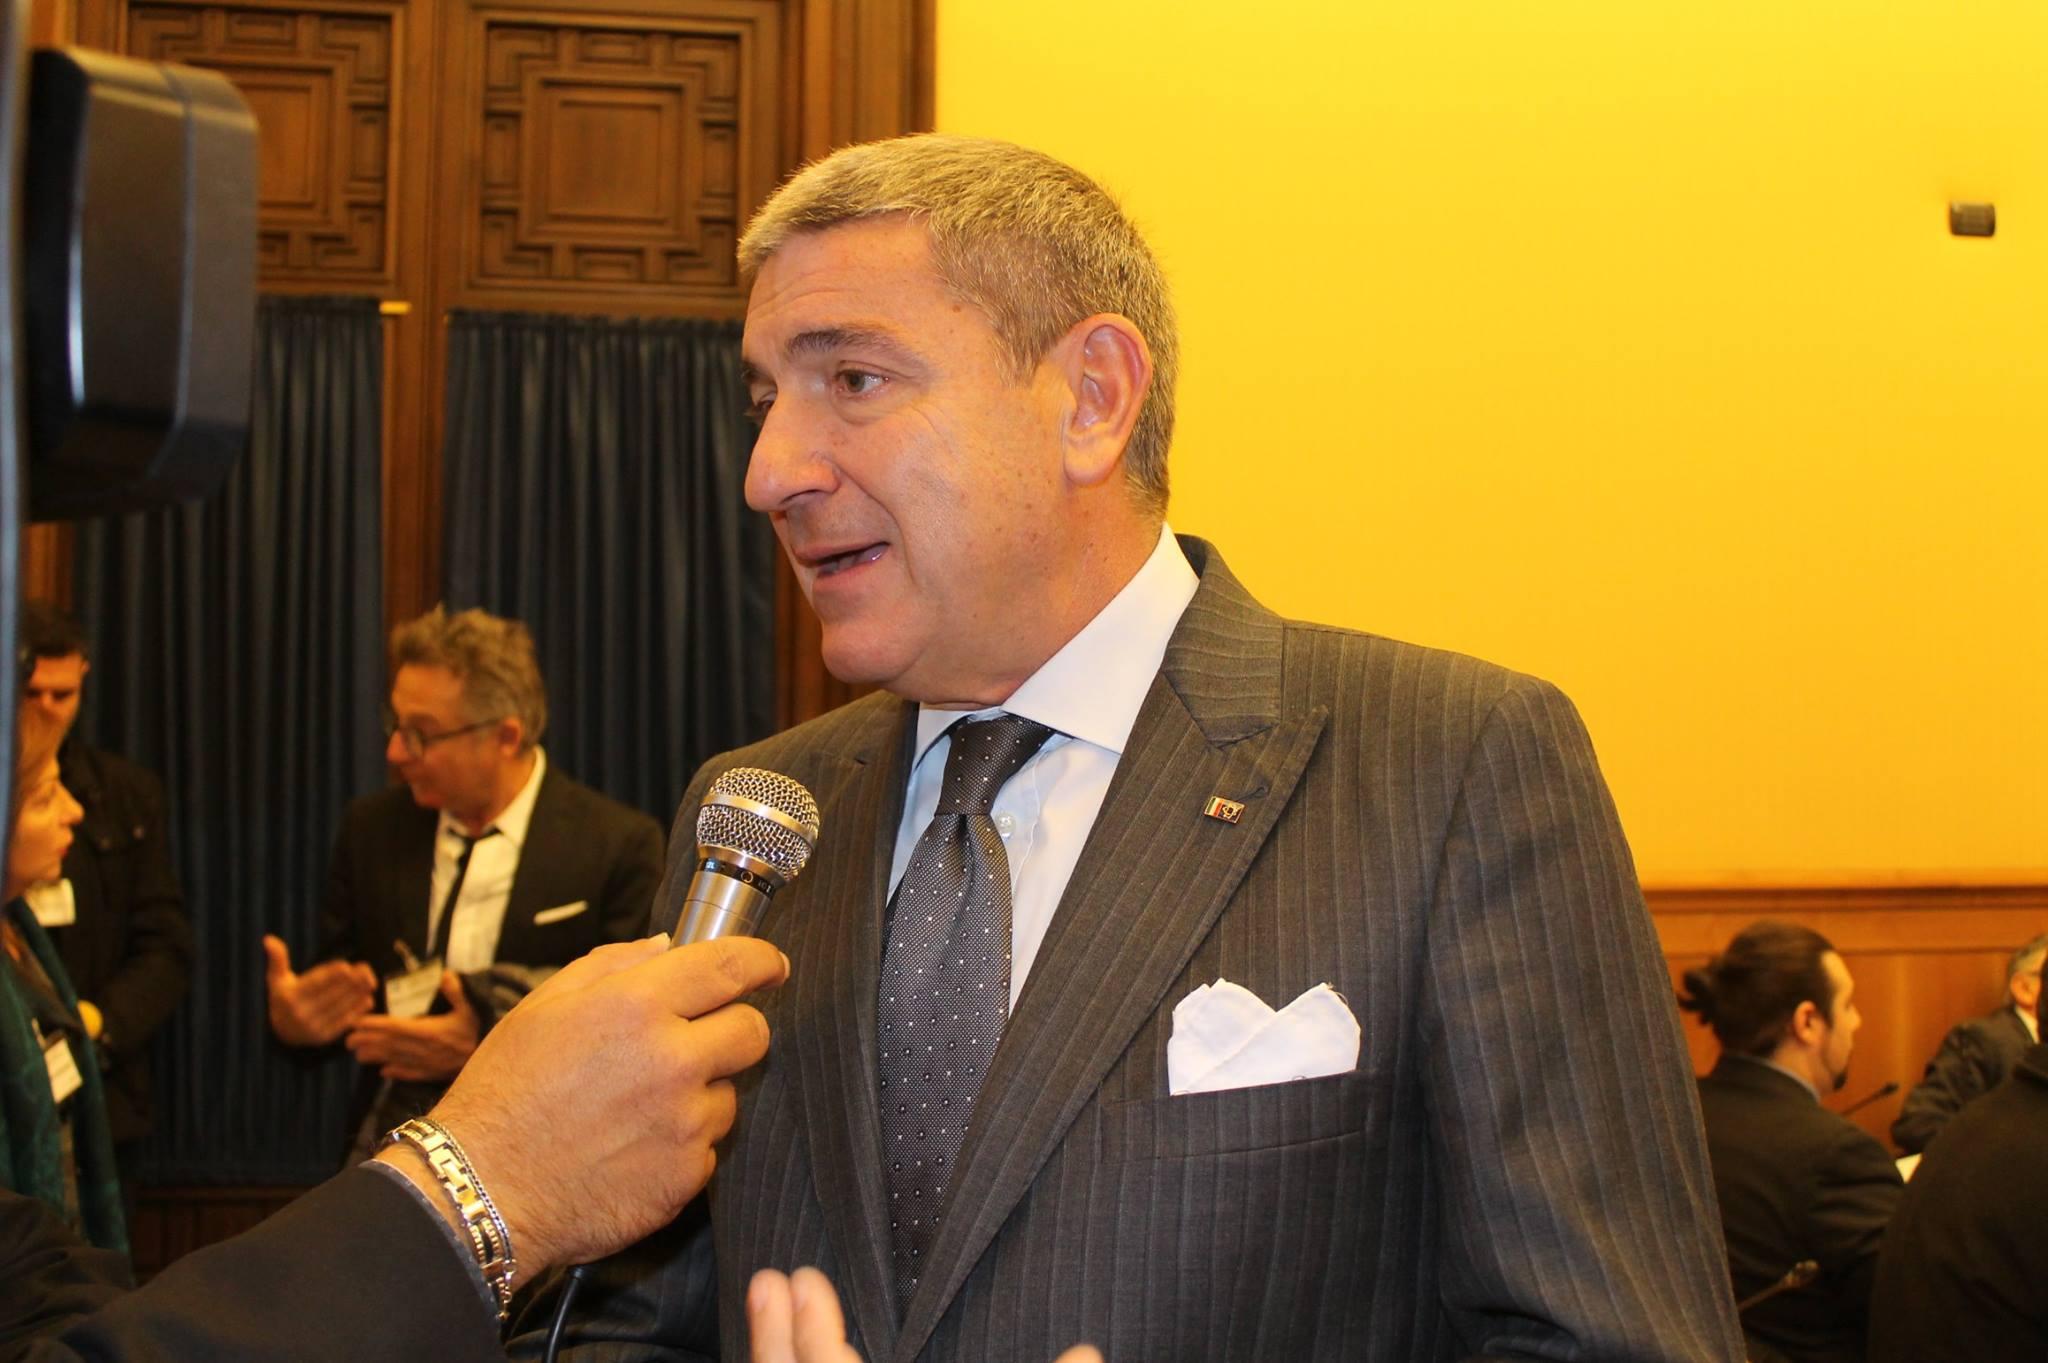 INTERVISTA CON L'ON. BRUNO MOLEA PRESIDENTE AICS